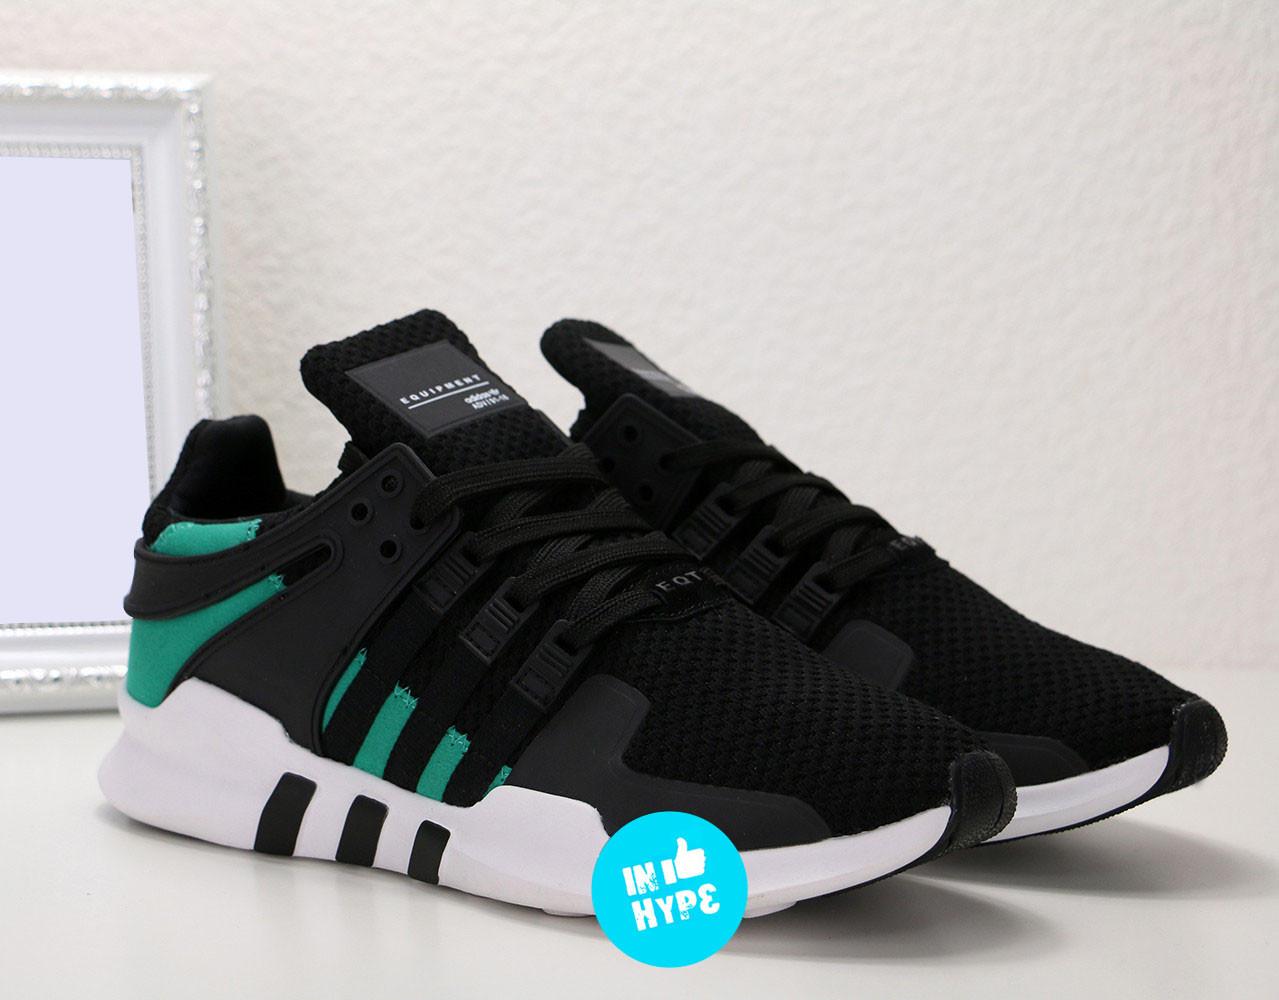 Кроссовки мужские Adidas EQT Support ADV Black Sub Green | Адидас Суппорт АДВ черные с зеленым